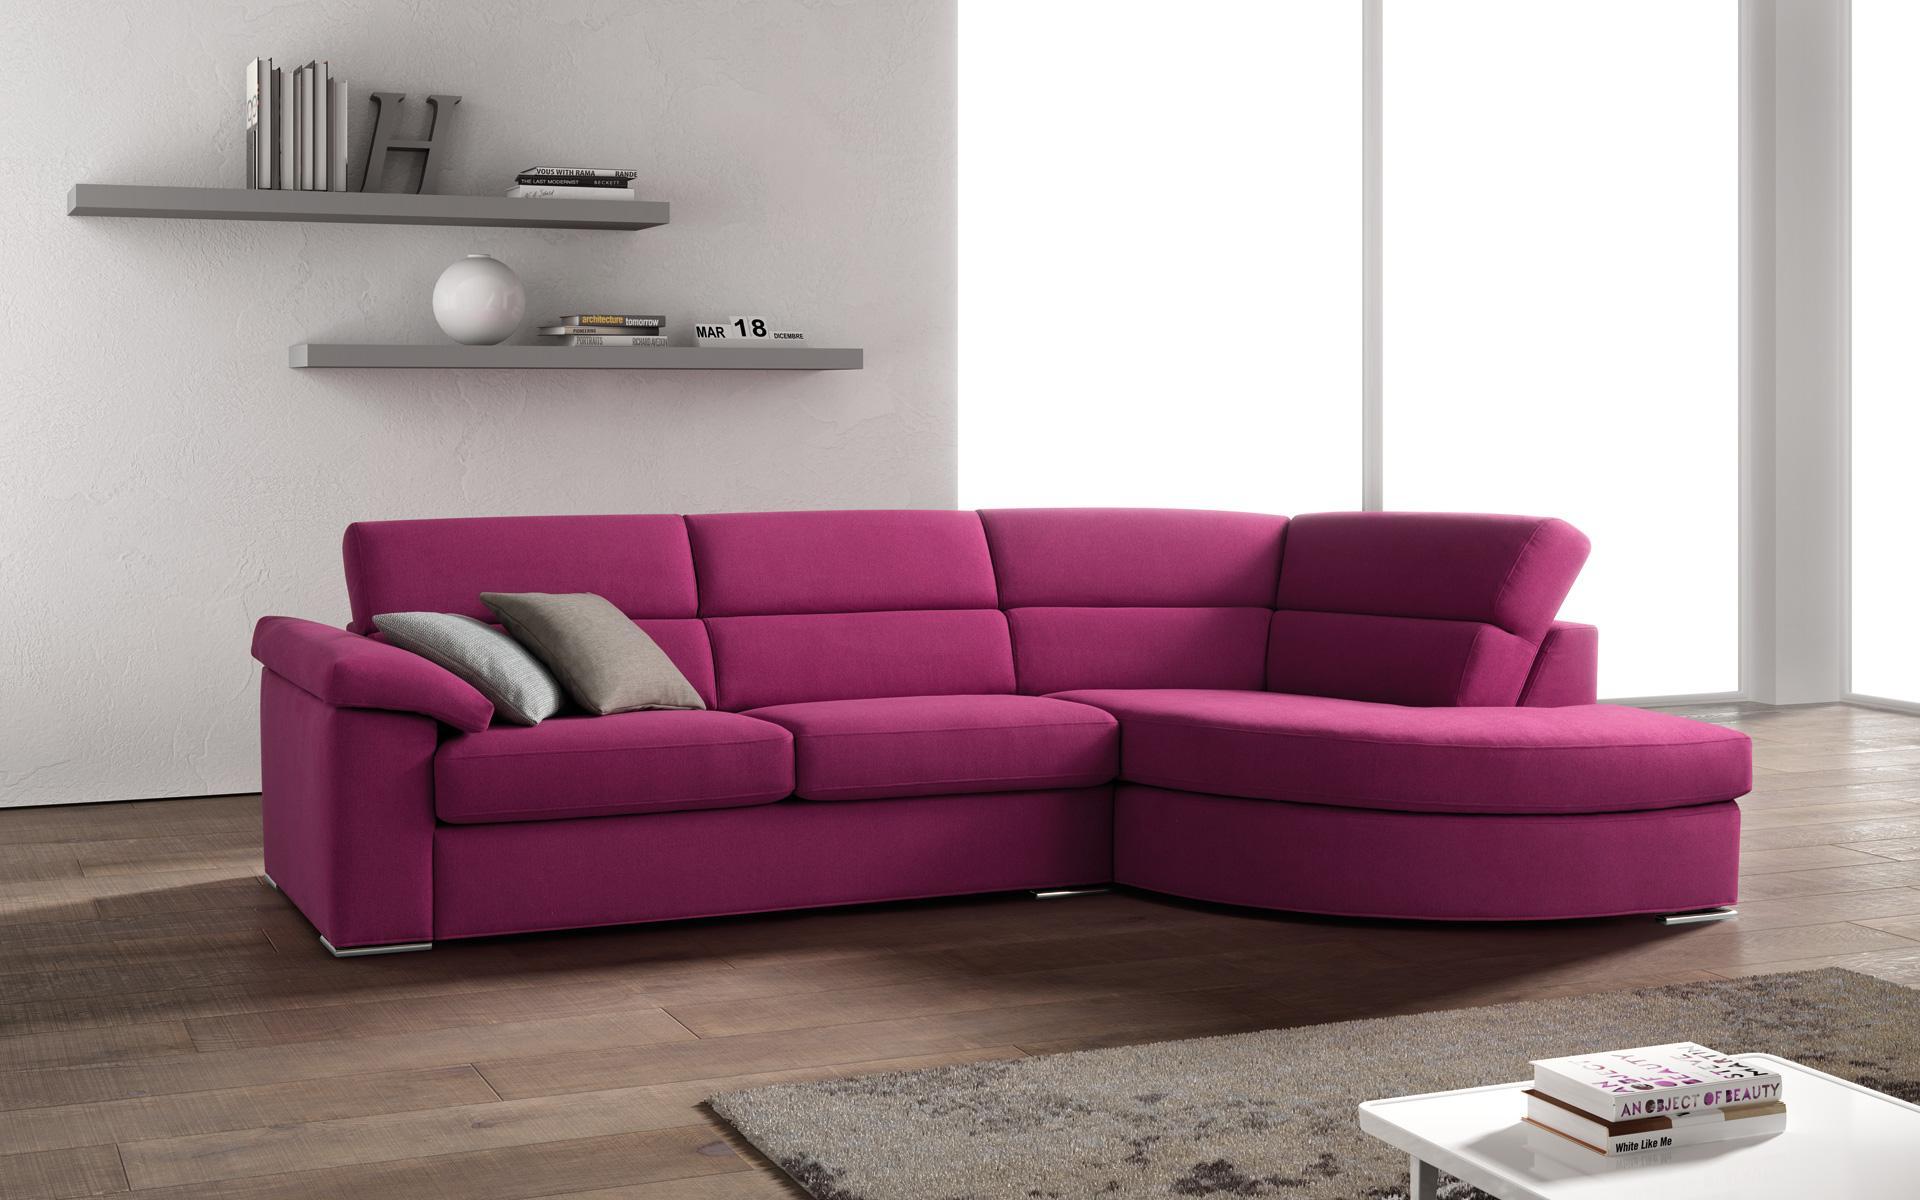 Il divano perfetto consigli utili per scegliere a colpo - Pulire divano microfibra ...